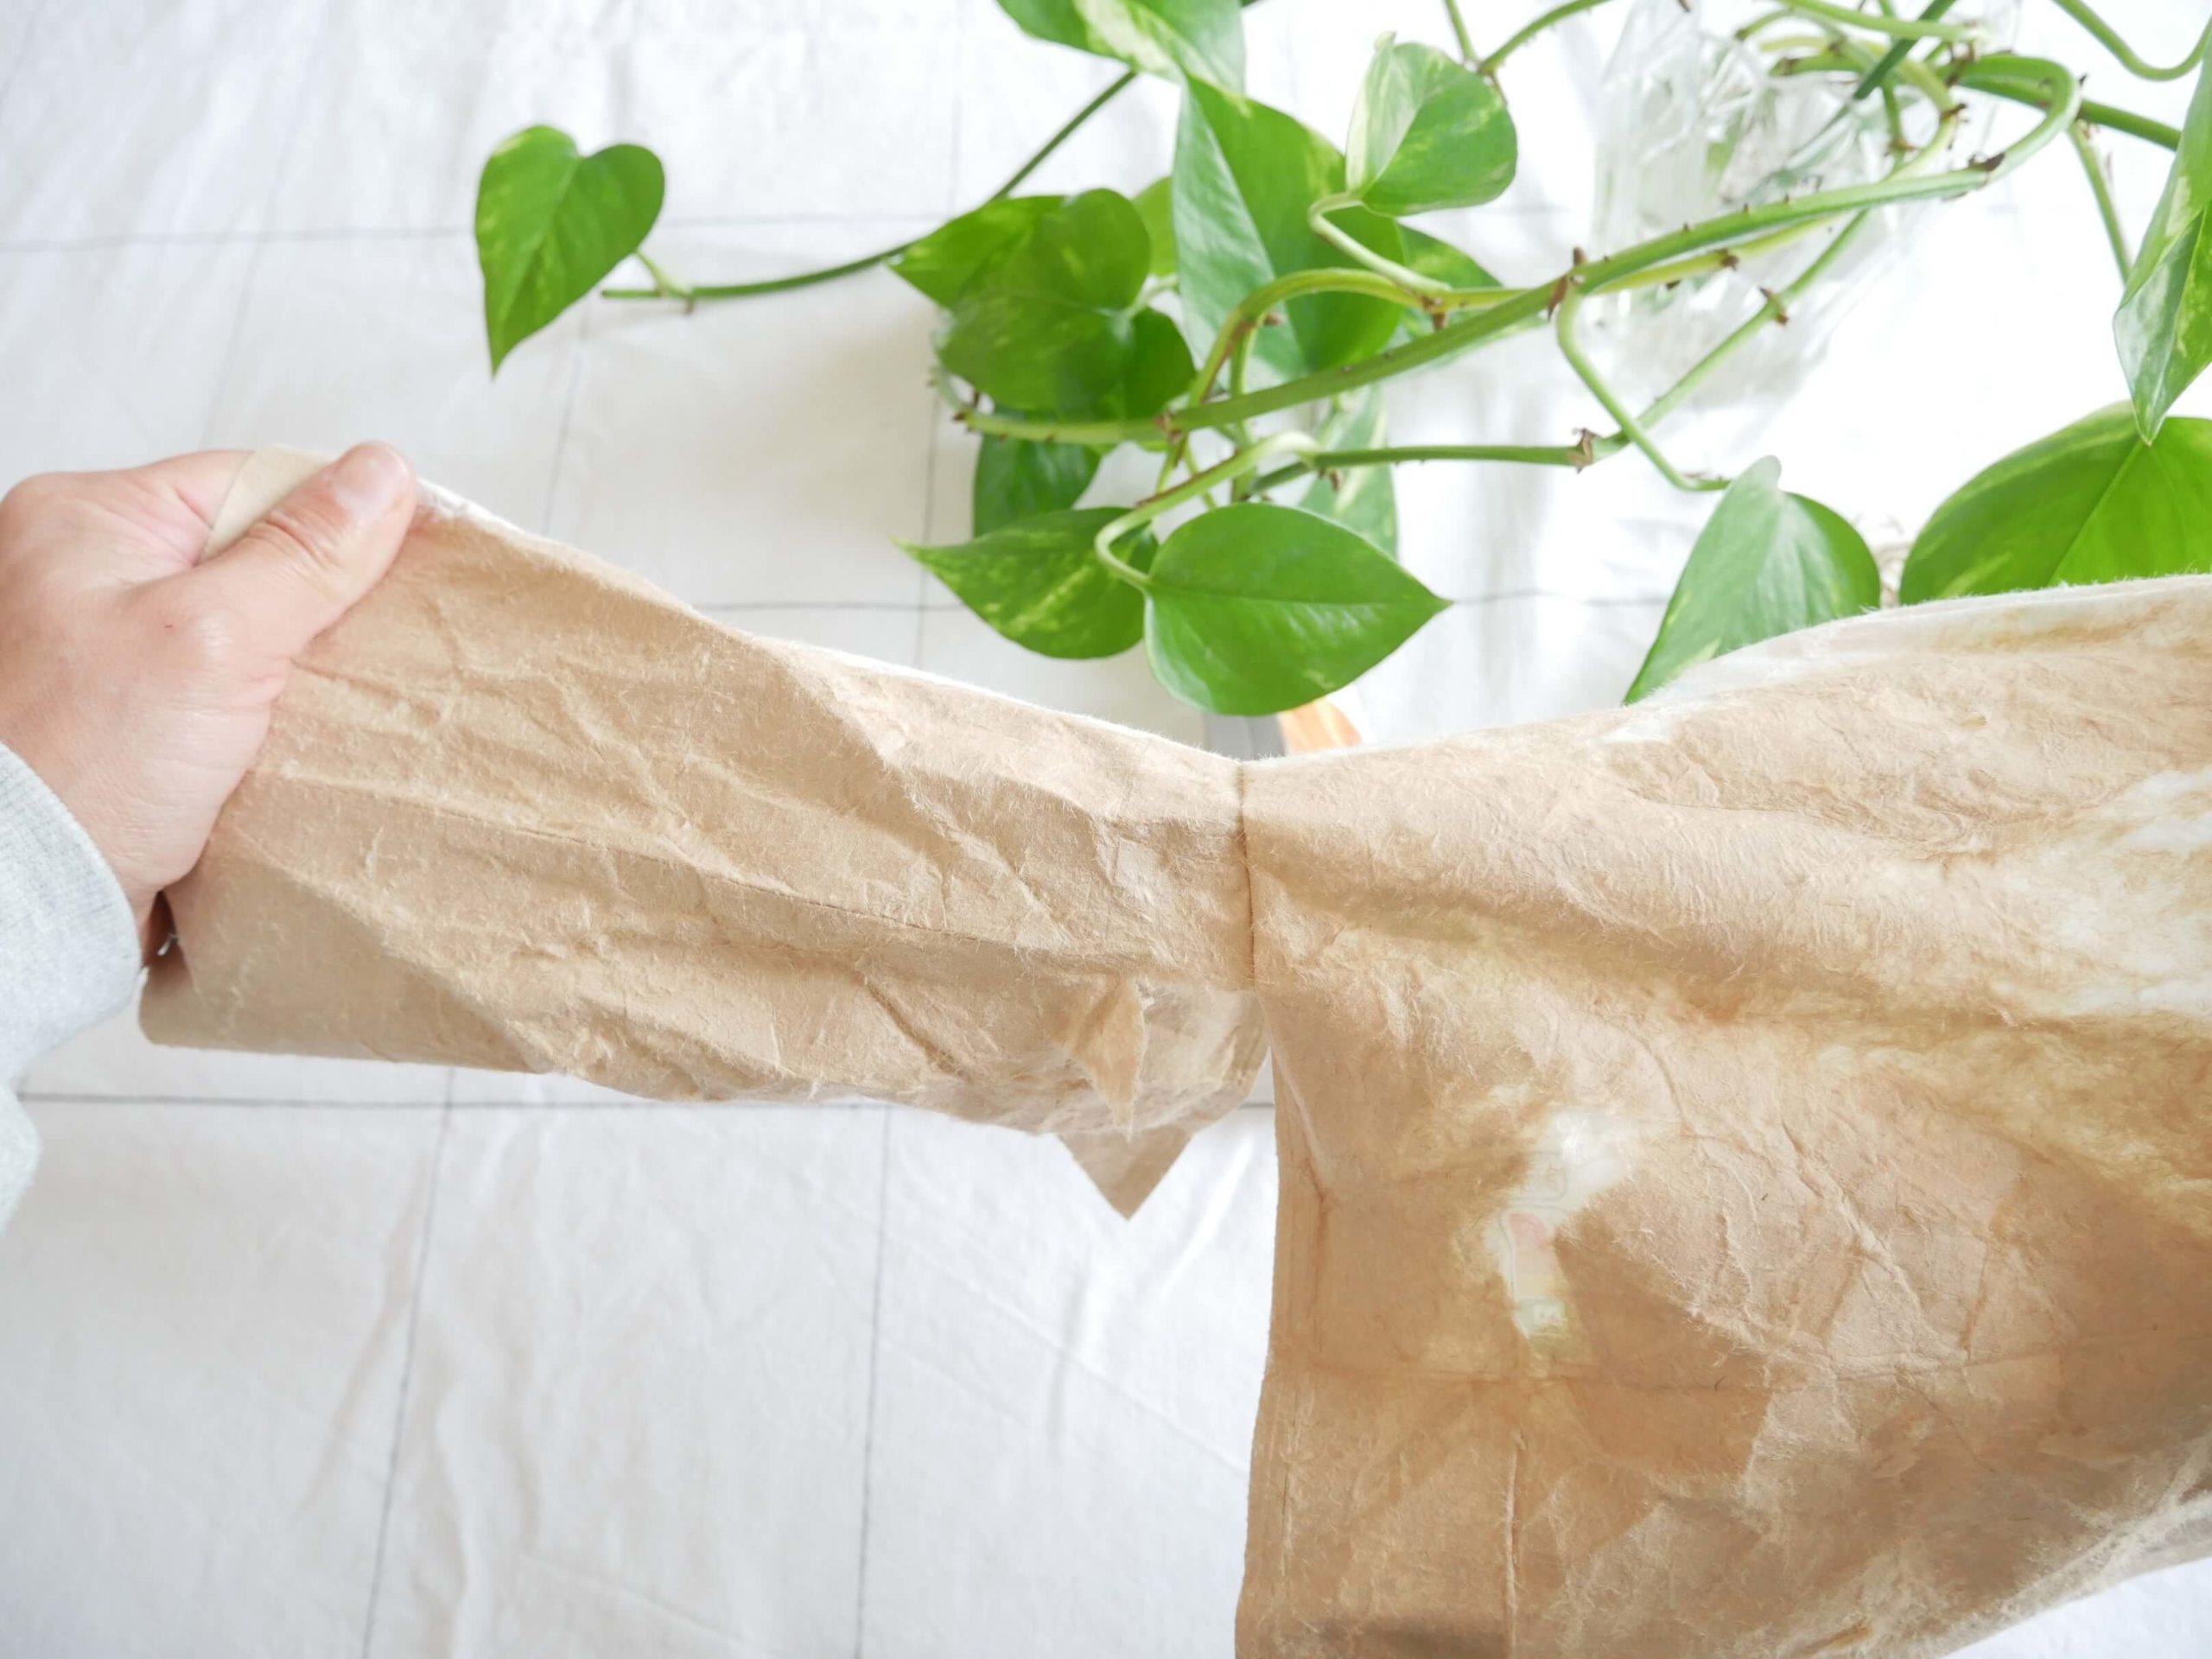 tutoriel-recyclage-principe12-lesateliersdangelique-auboulotcocotte